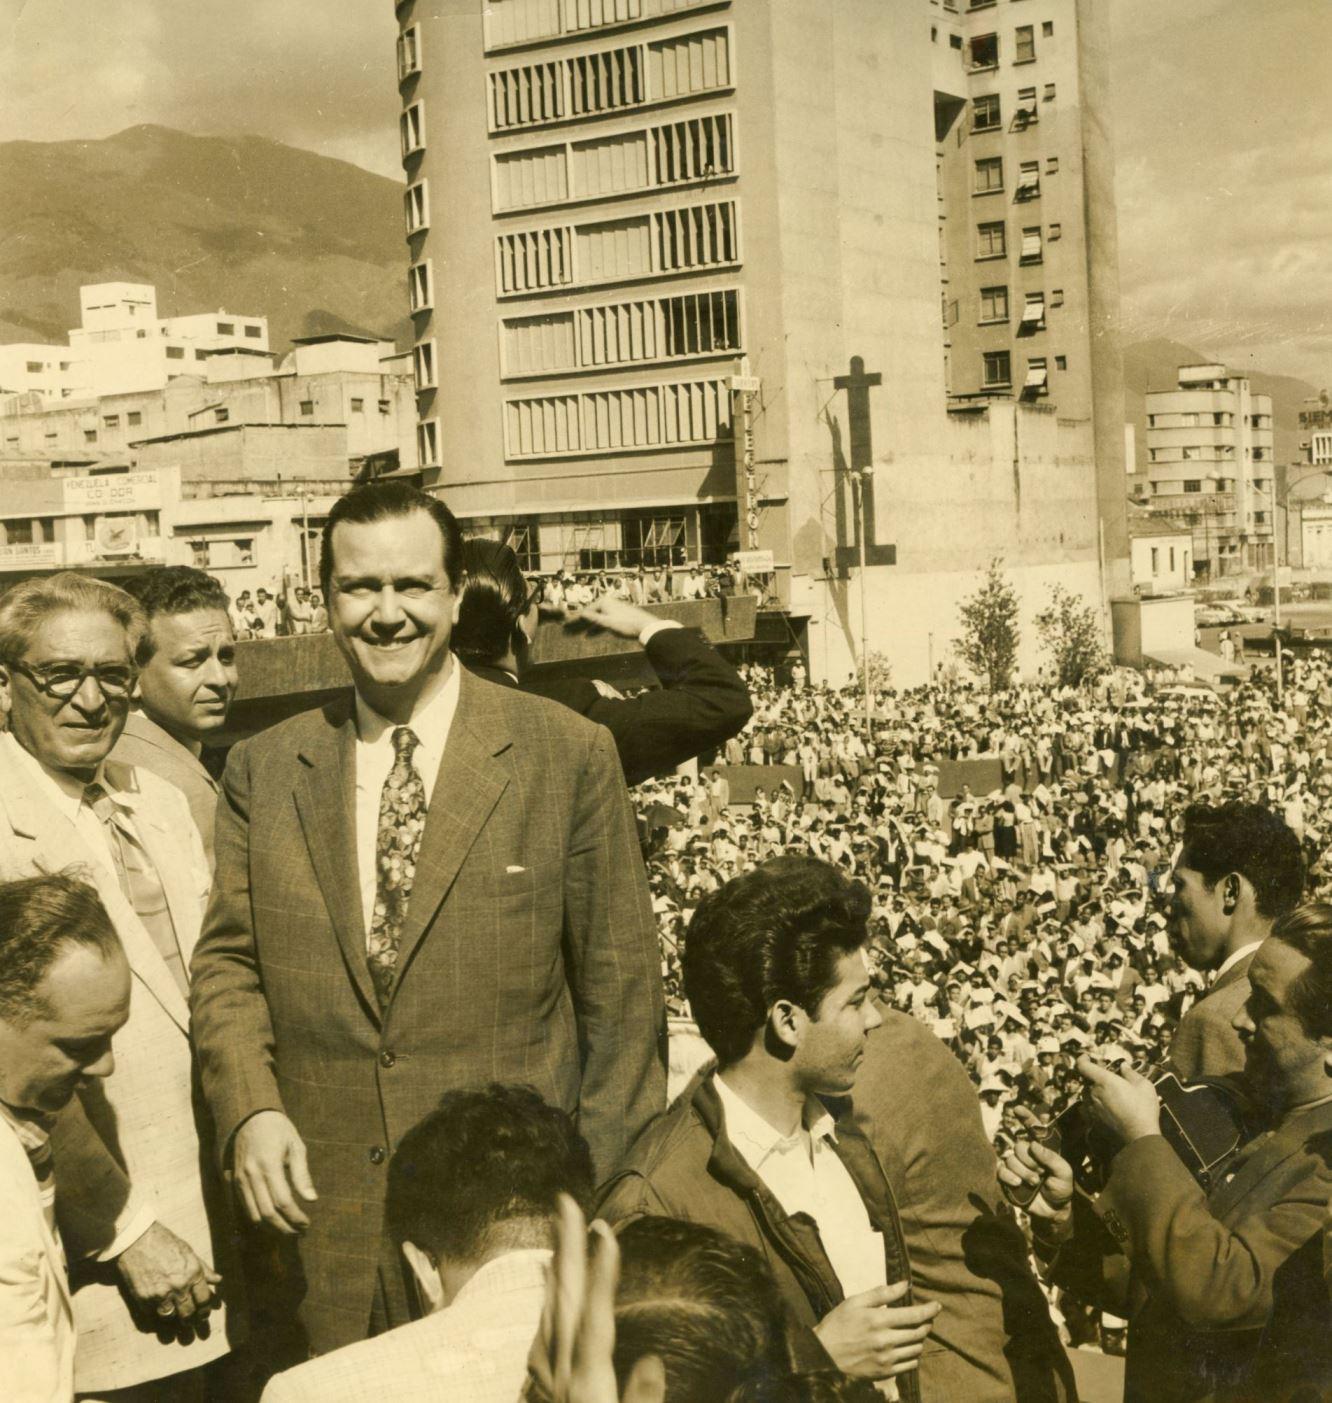 1958. Febrero, 1. Mitin en El Silencio (Parece un sueño). A su lado, Pedro del Corral y Fabricio Ojeda.